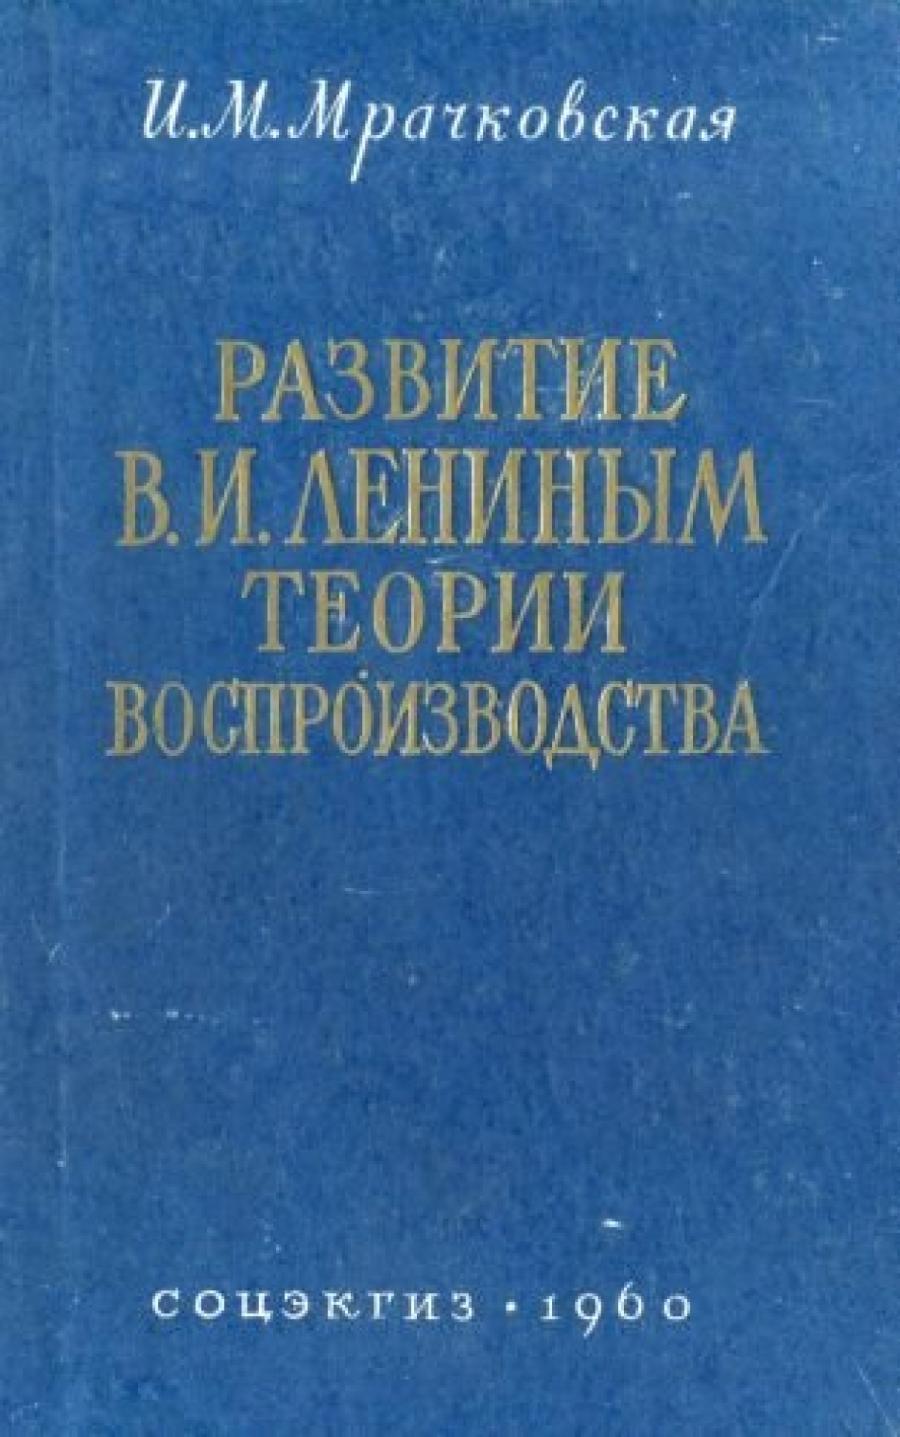 Обложка книги:  мрачковская и. м. - развитие в. и. лениным марксистской теории воспроизводства